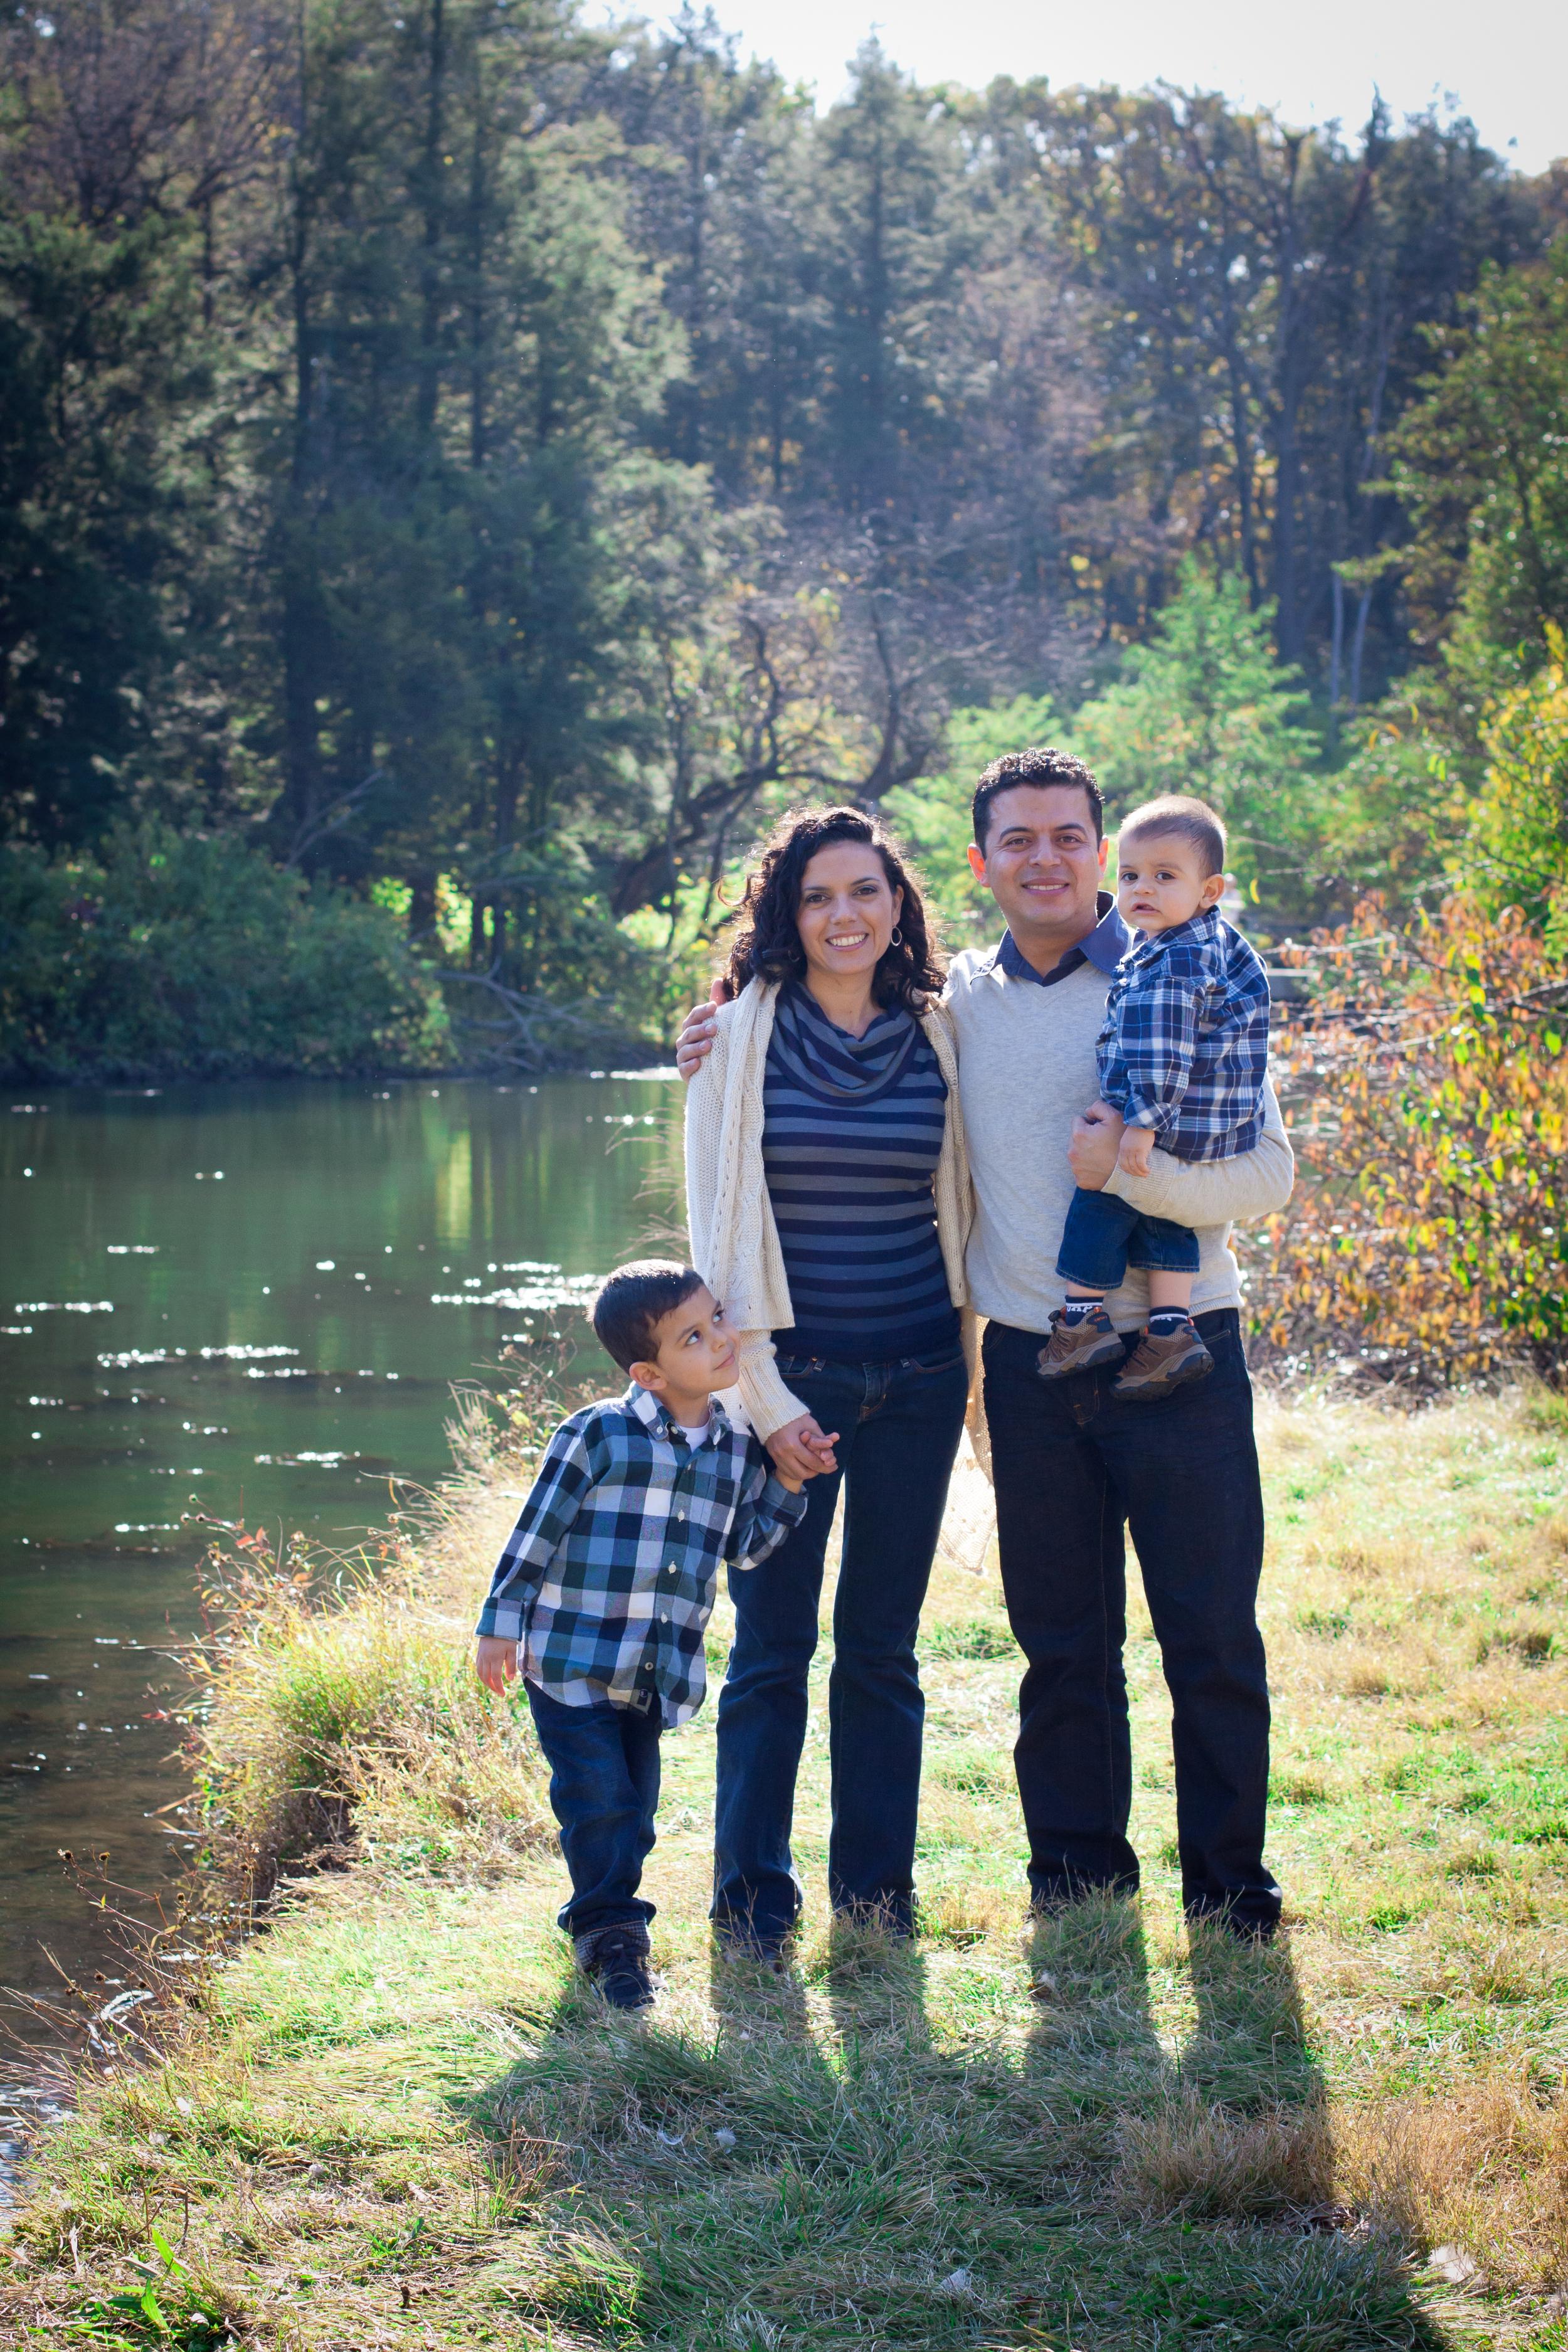 Family_1287.jpg